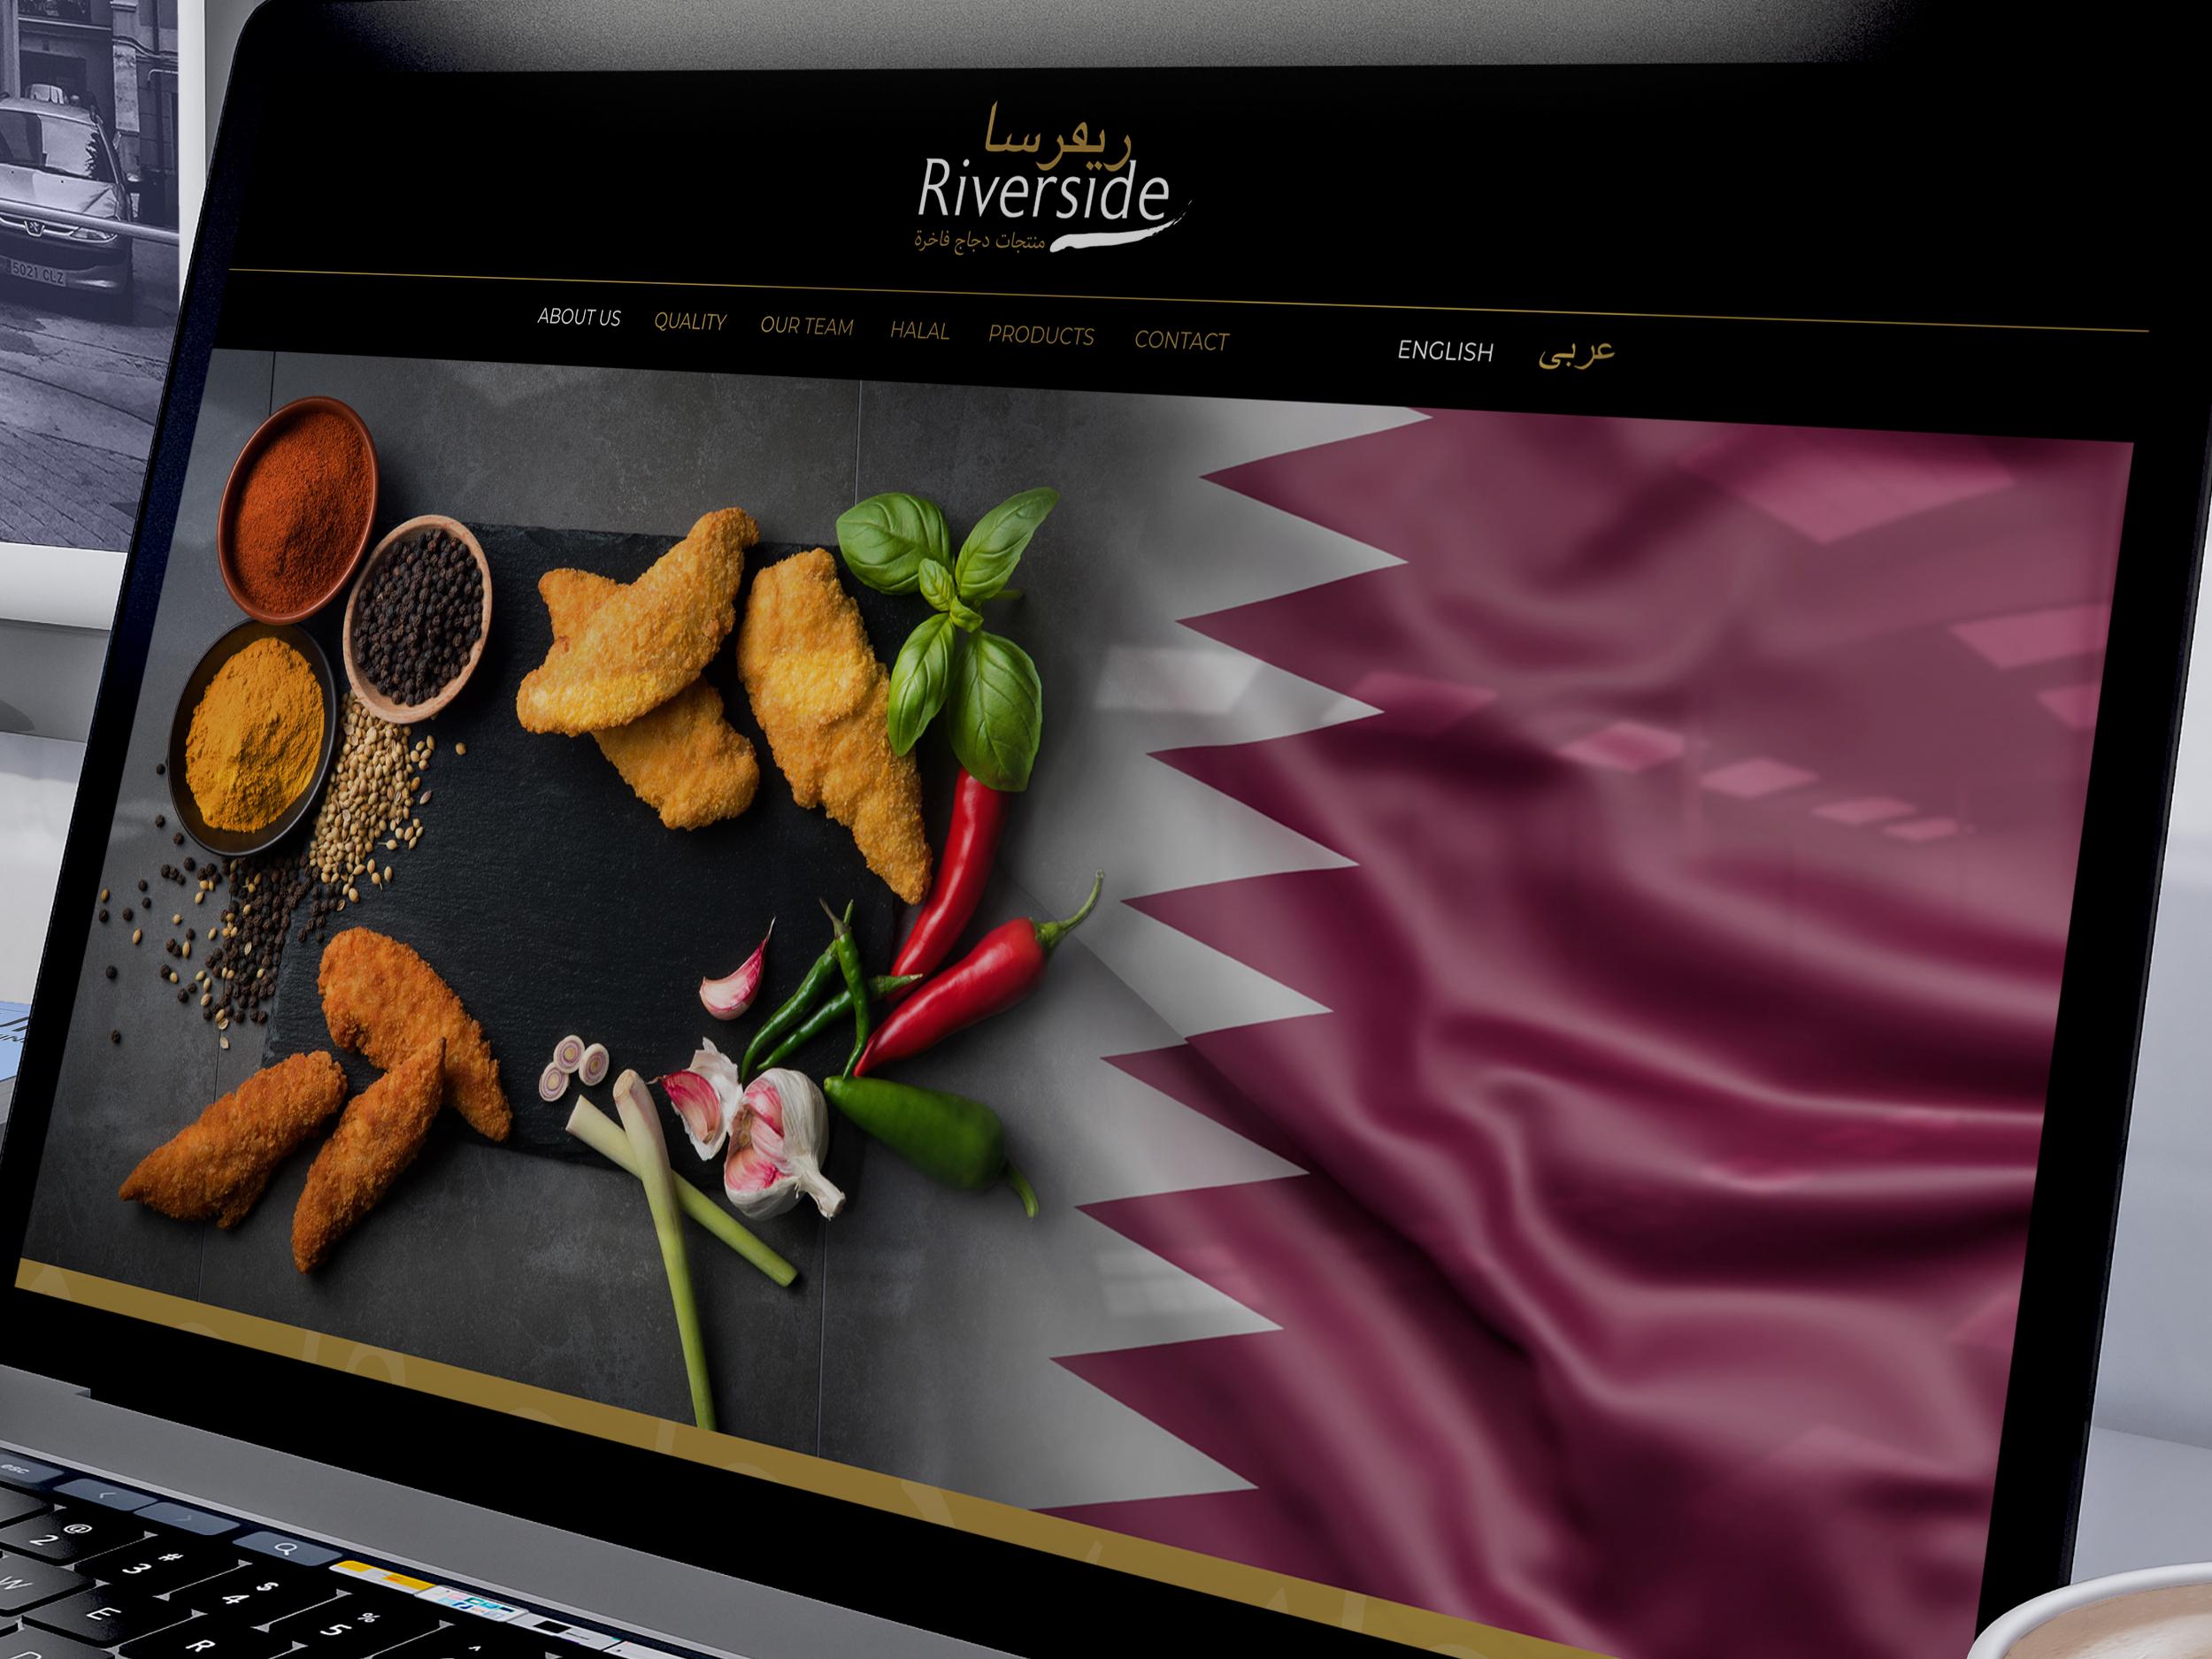 Riverside Halal QA